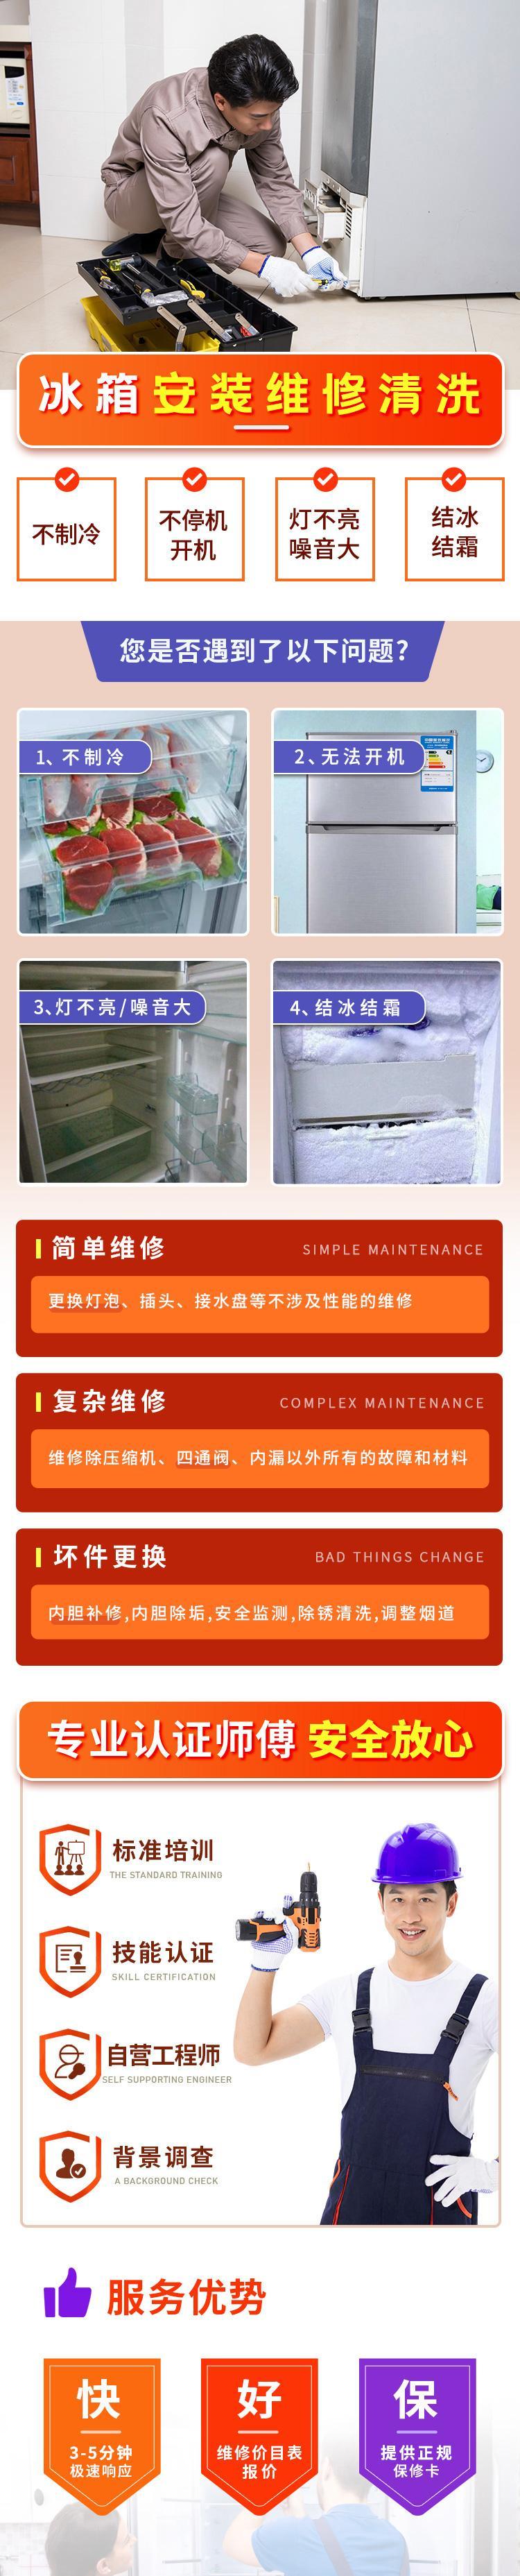 冰箱拆卸、安装(301L-400L)